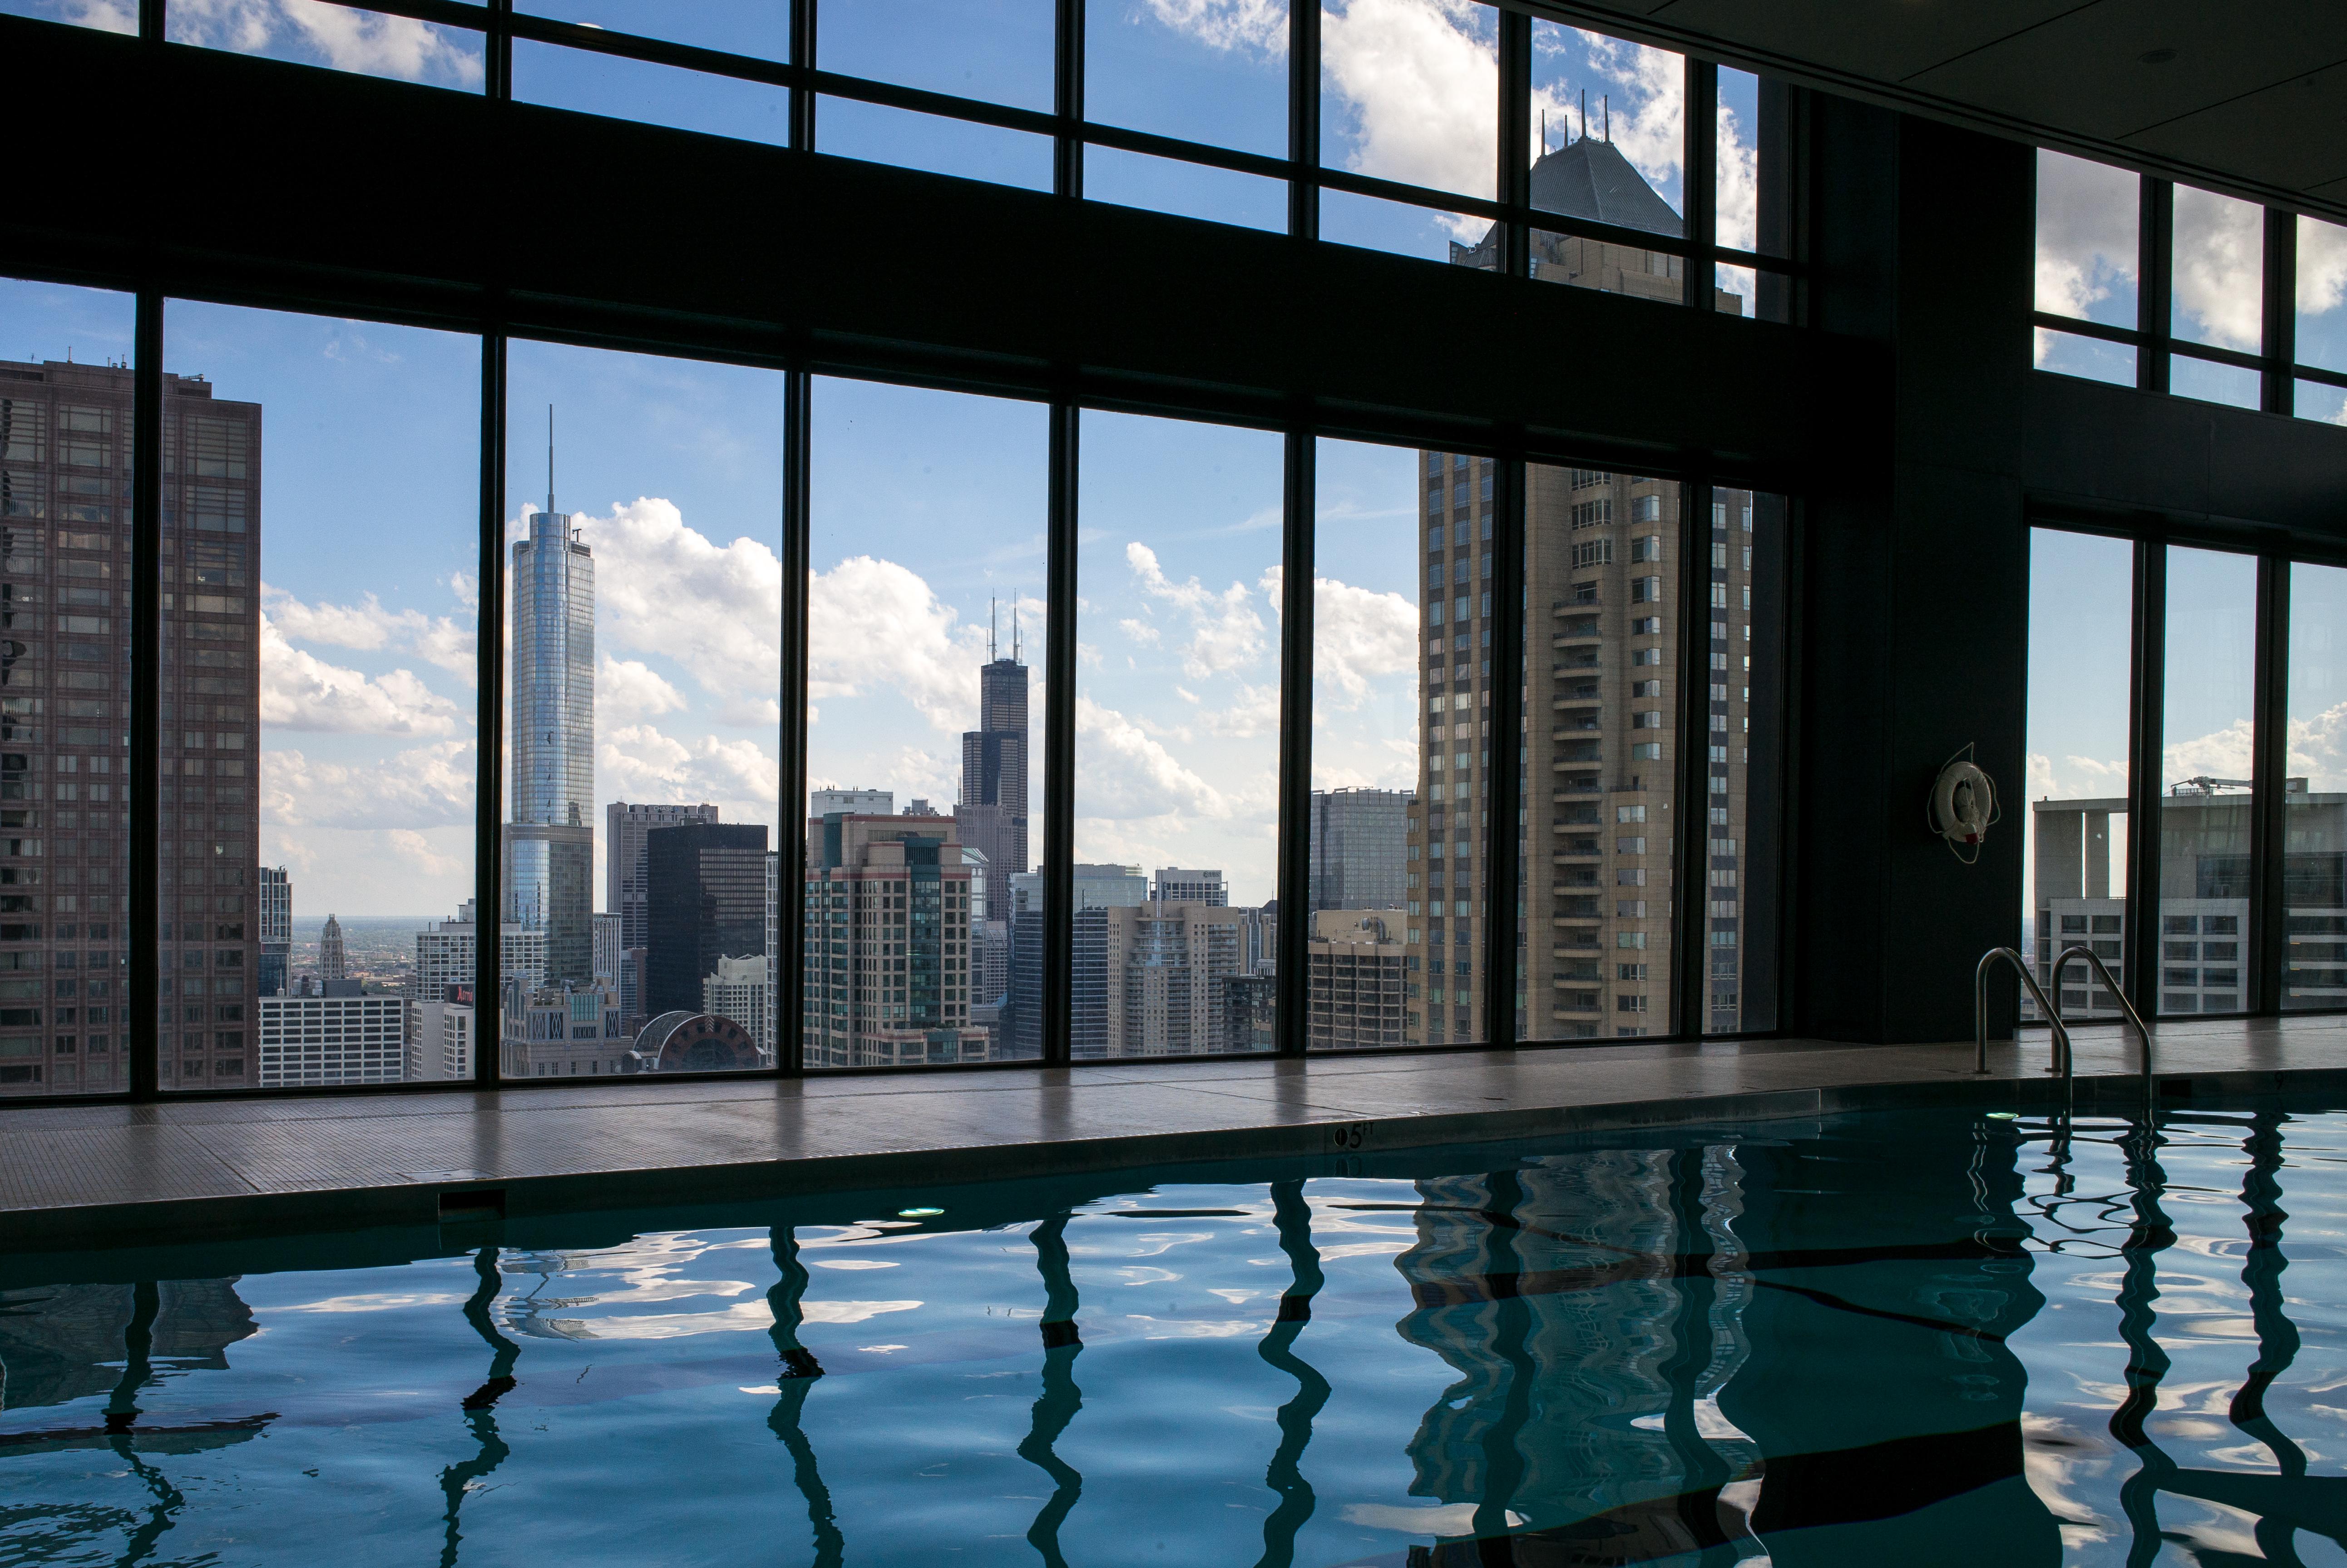 Innenarchitektur Usa kostenlose foto die architektur skyline stock fenster aussicht